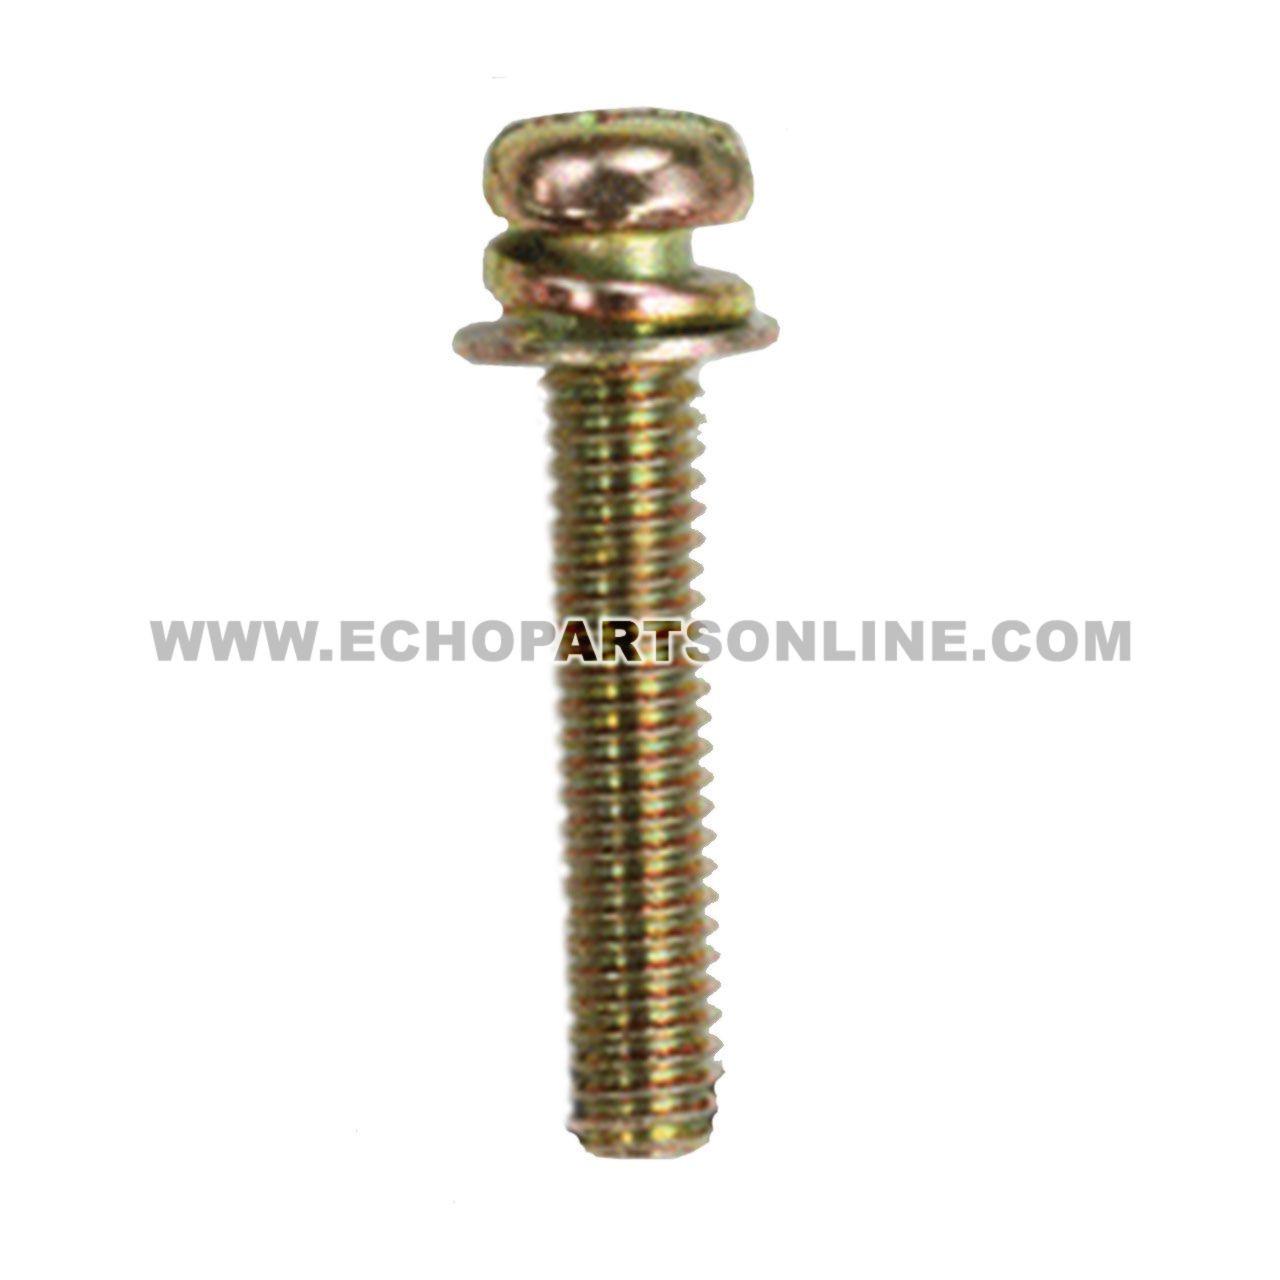 ECHO 90024204022 - SCREW 4 X 22